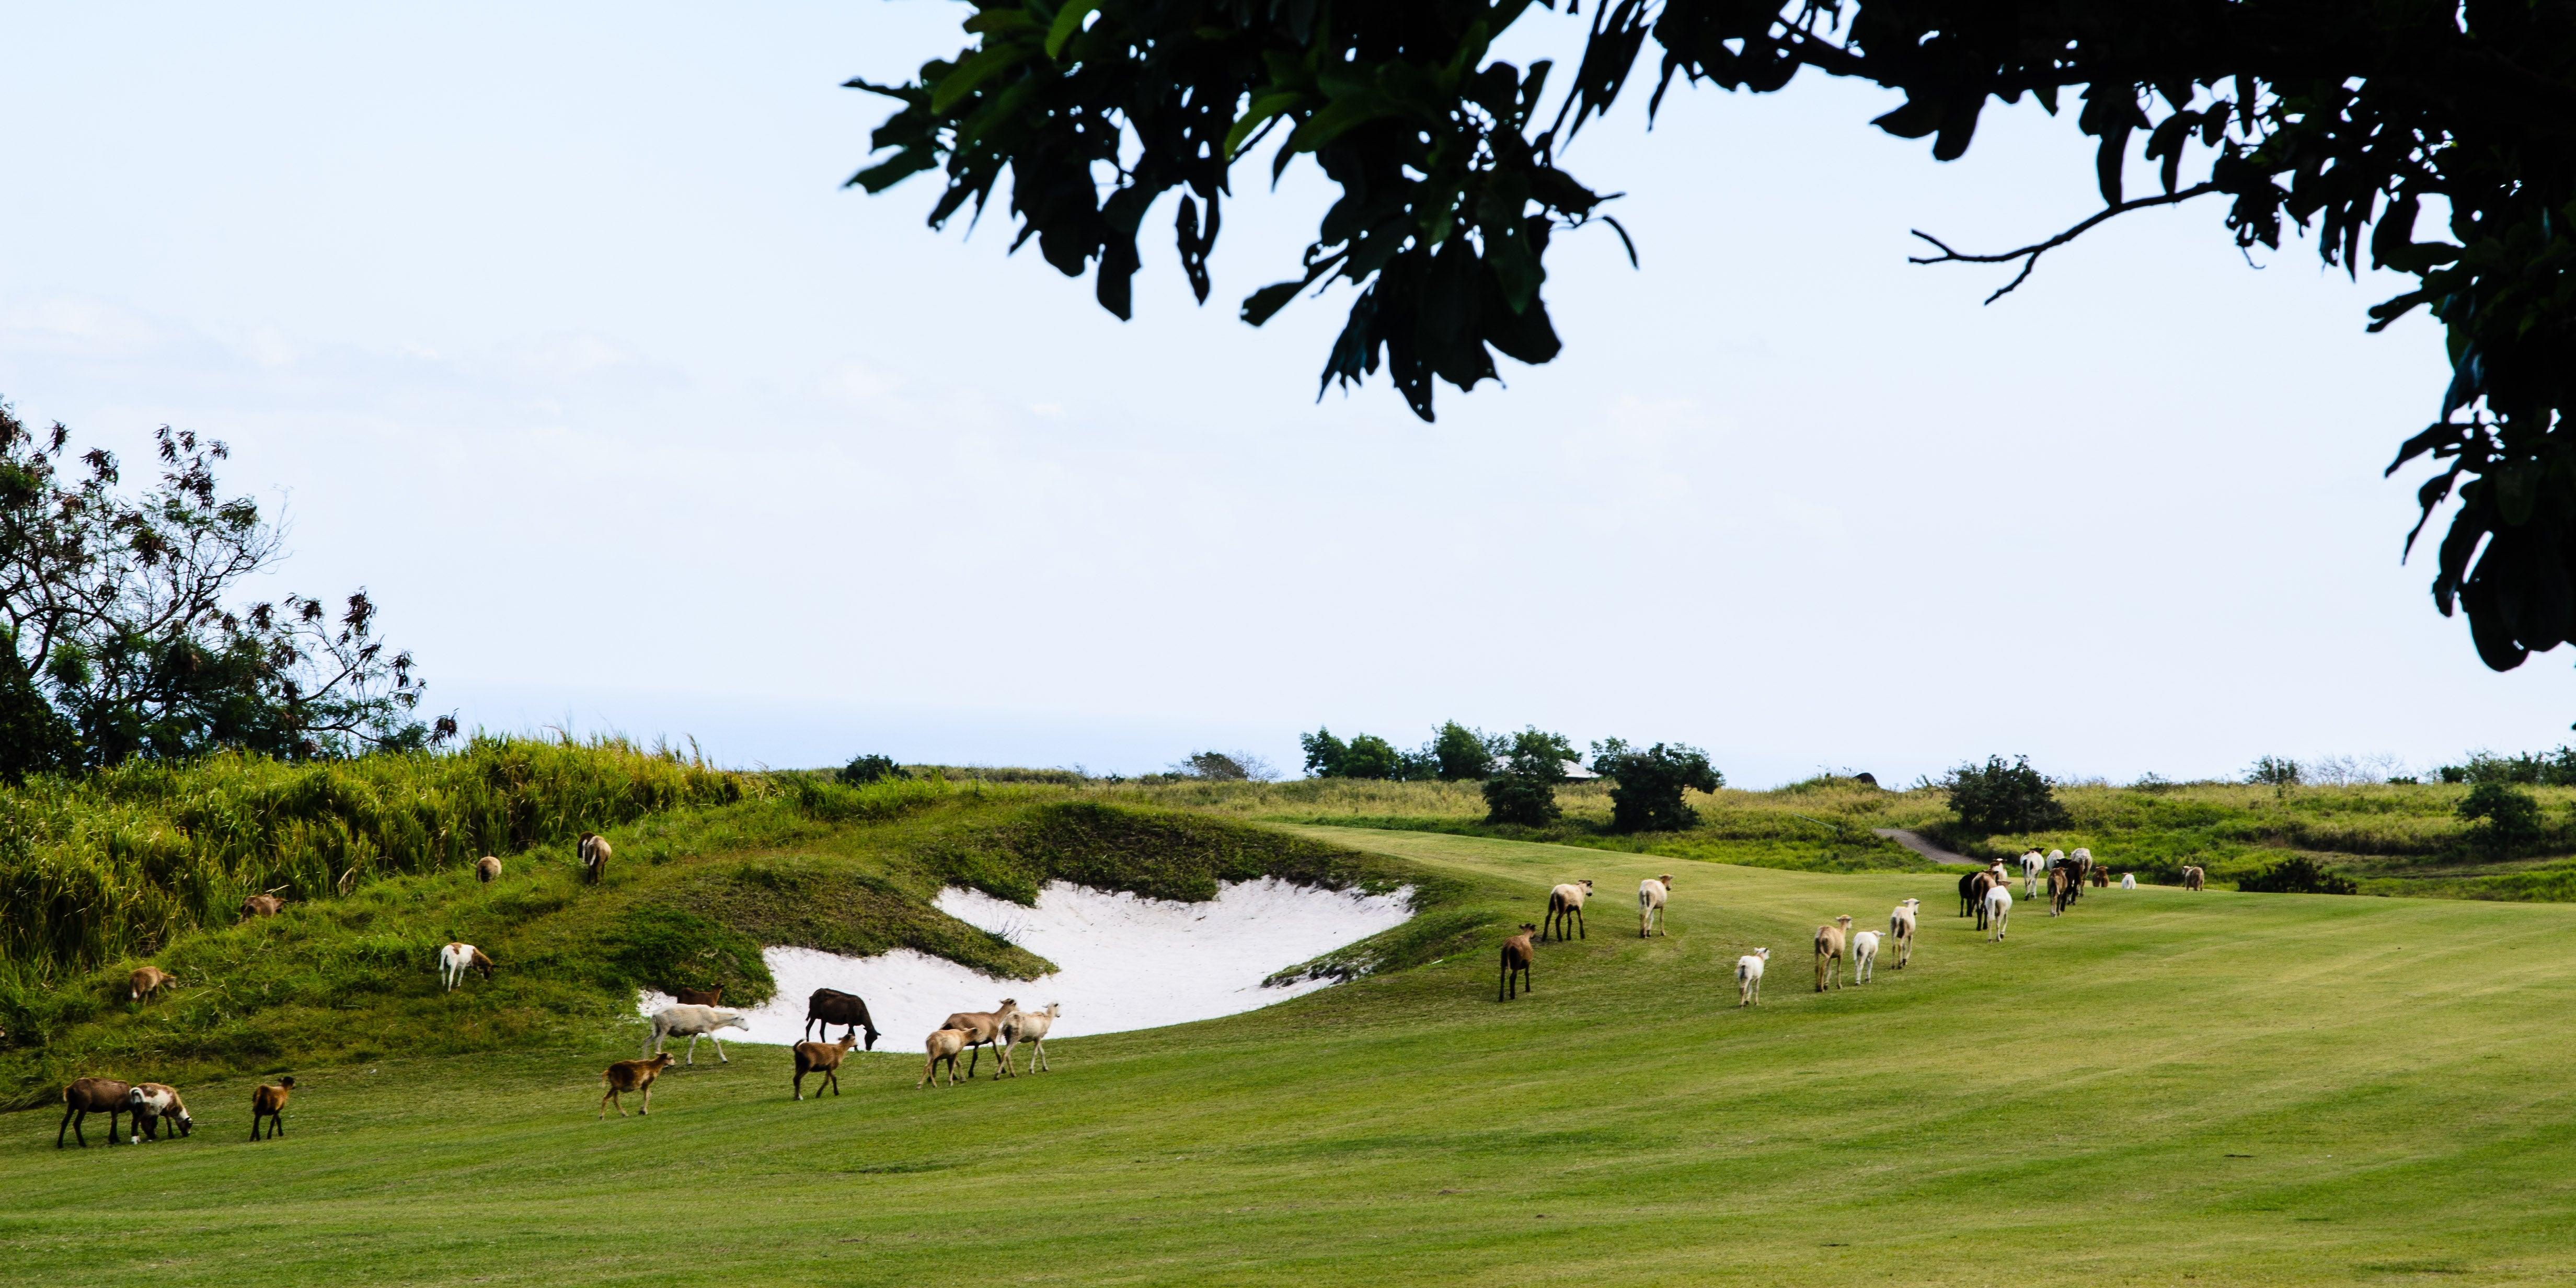 Golf_094e0dd5ee_o.jpg